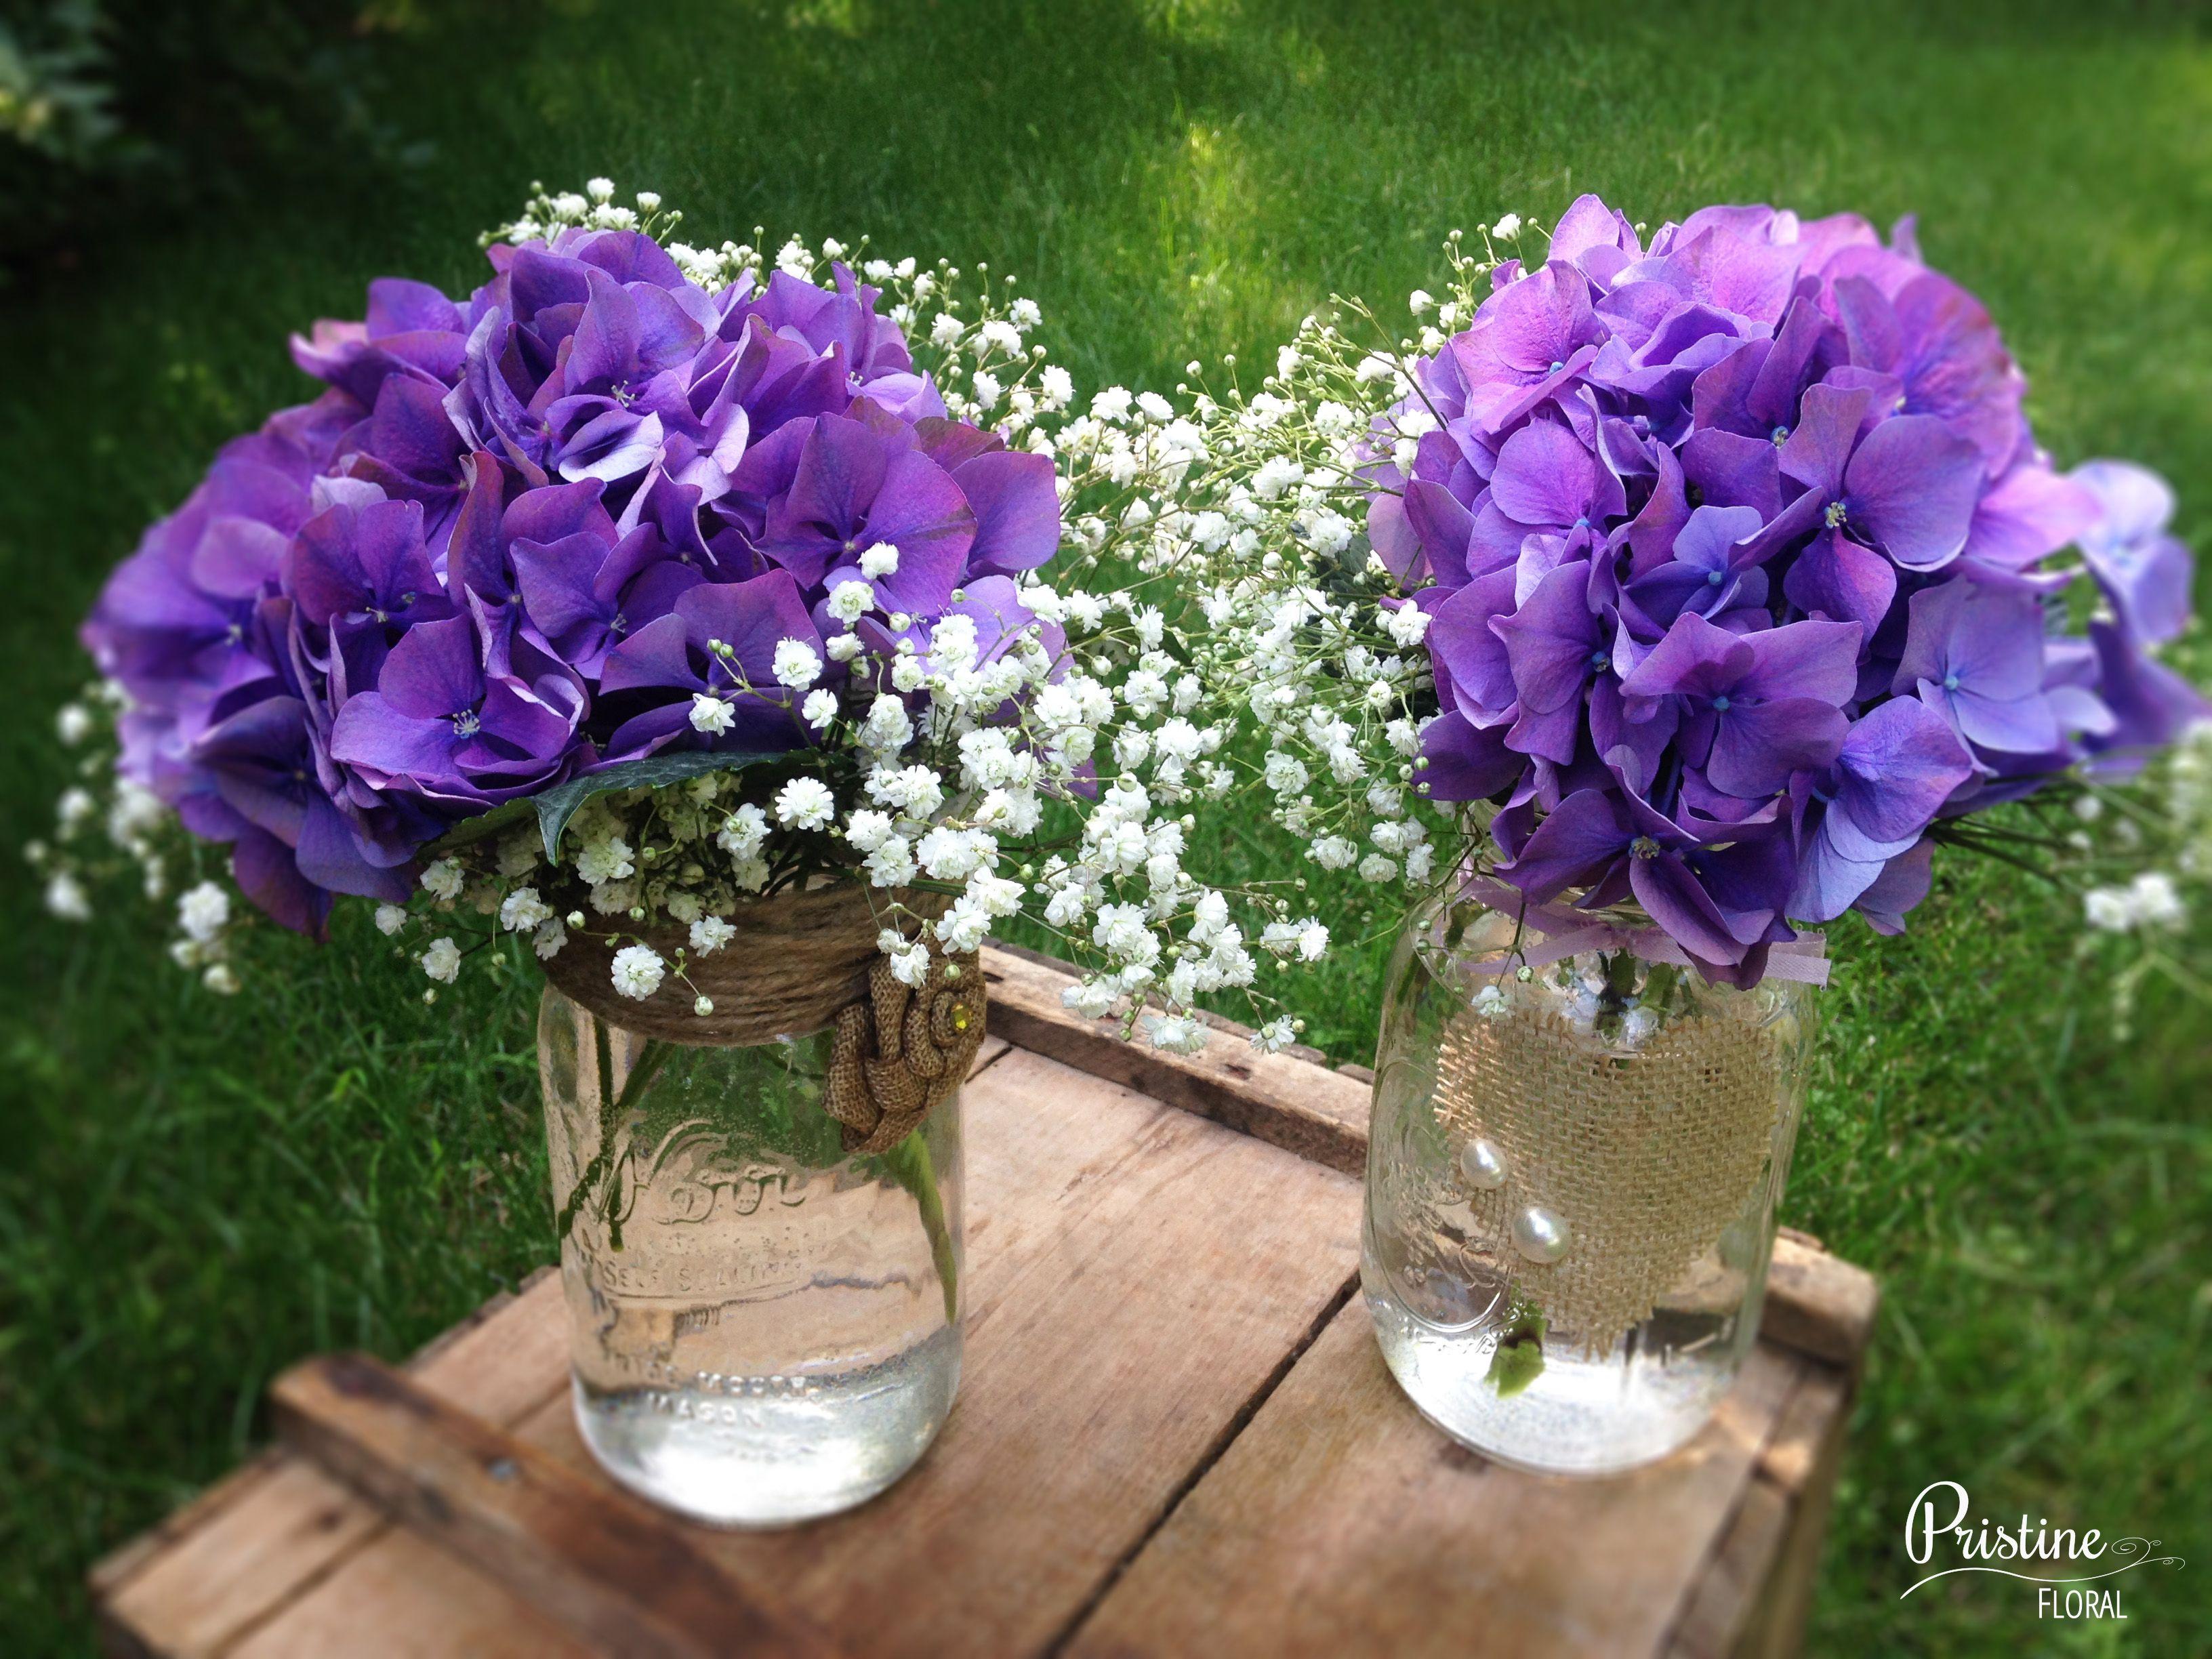 Purple Hydrangea Centerpieces : Rustic mason jar centerpieces designed with purple